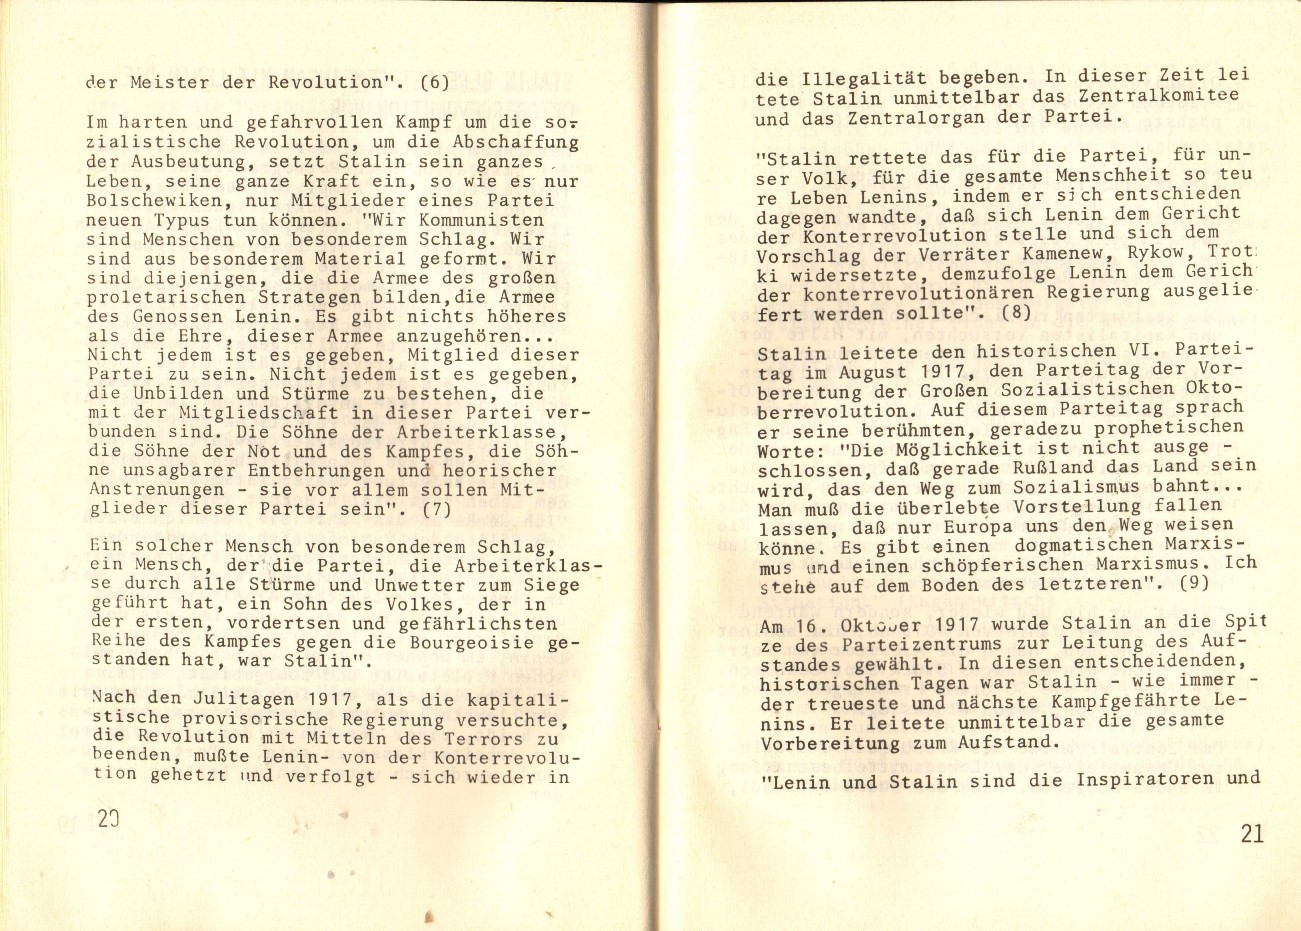 ZB_1971_Ueber_Stalin_14